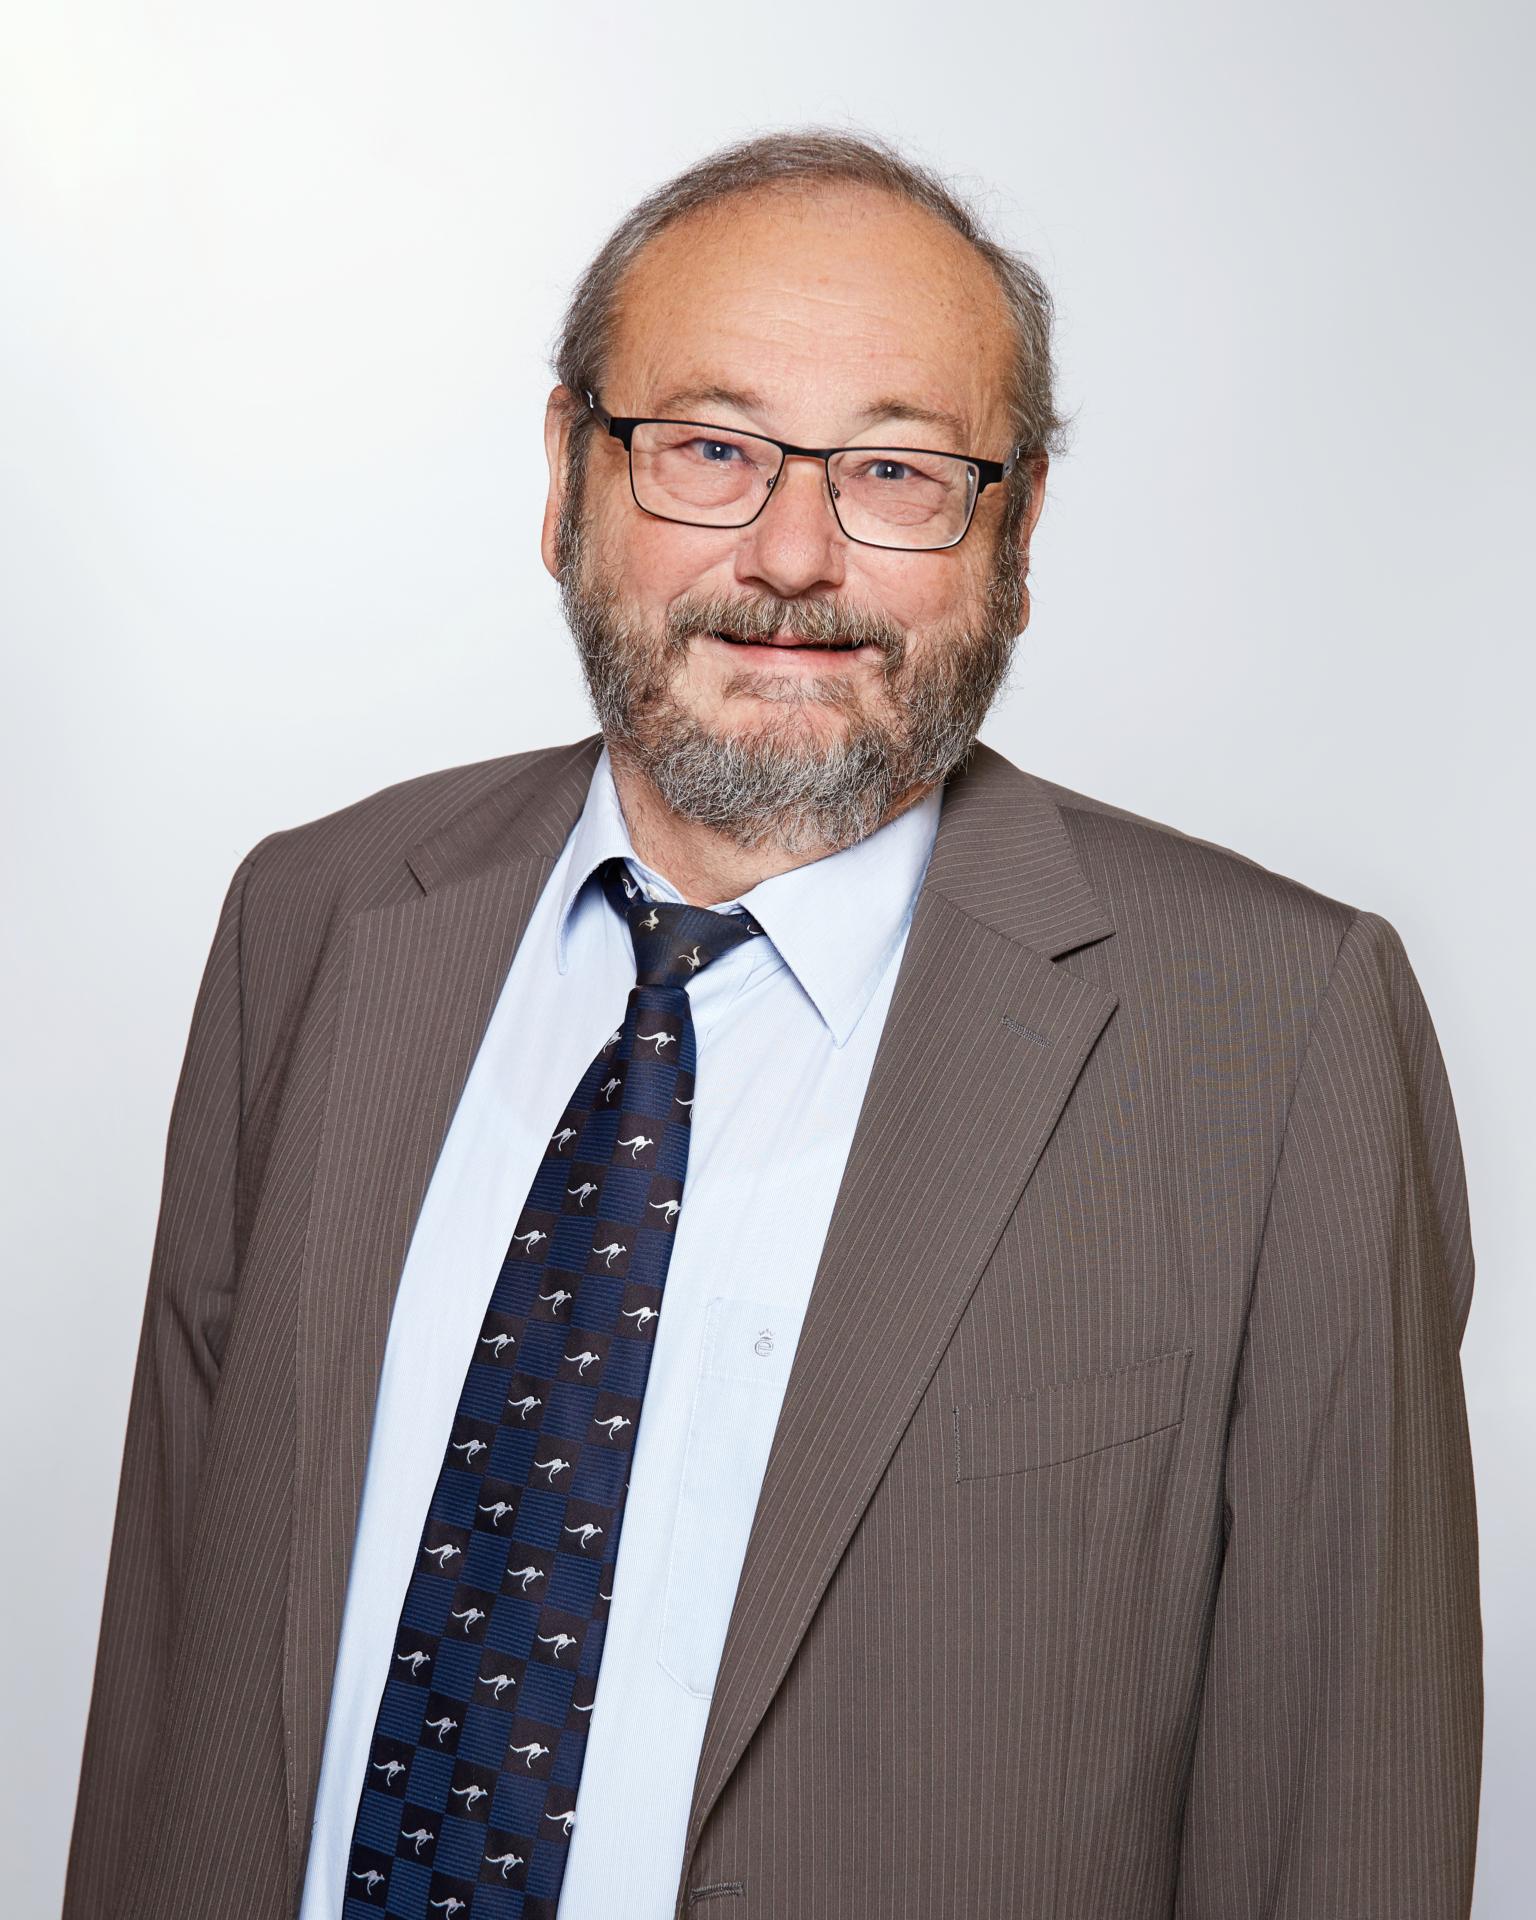 Horst Siebenkäs